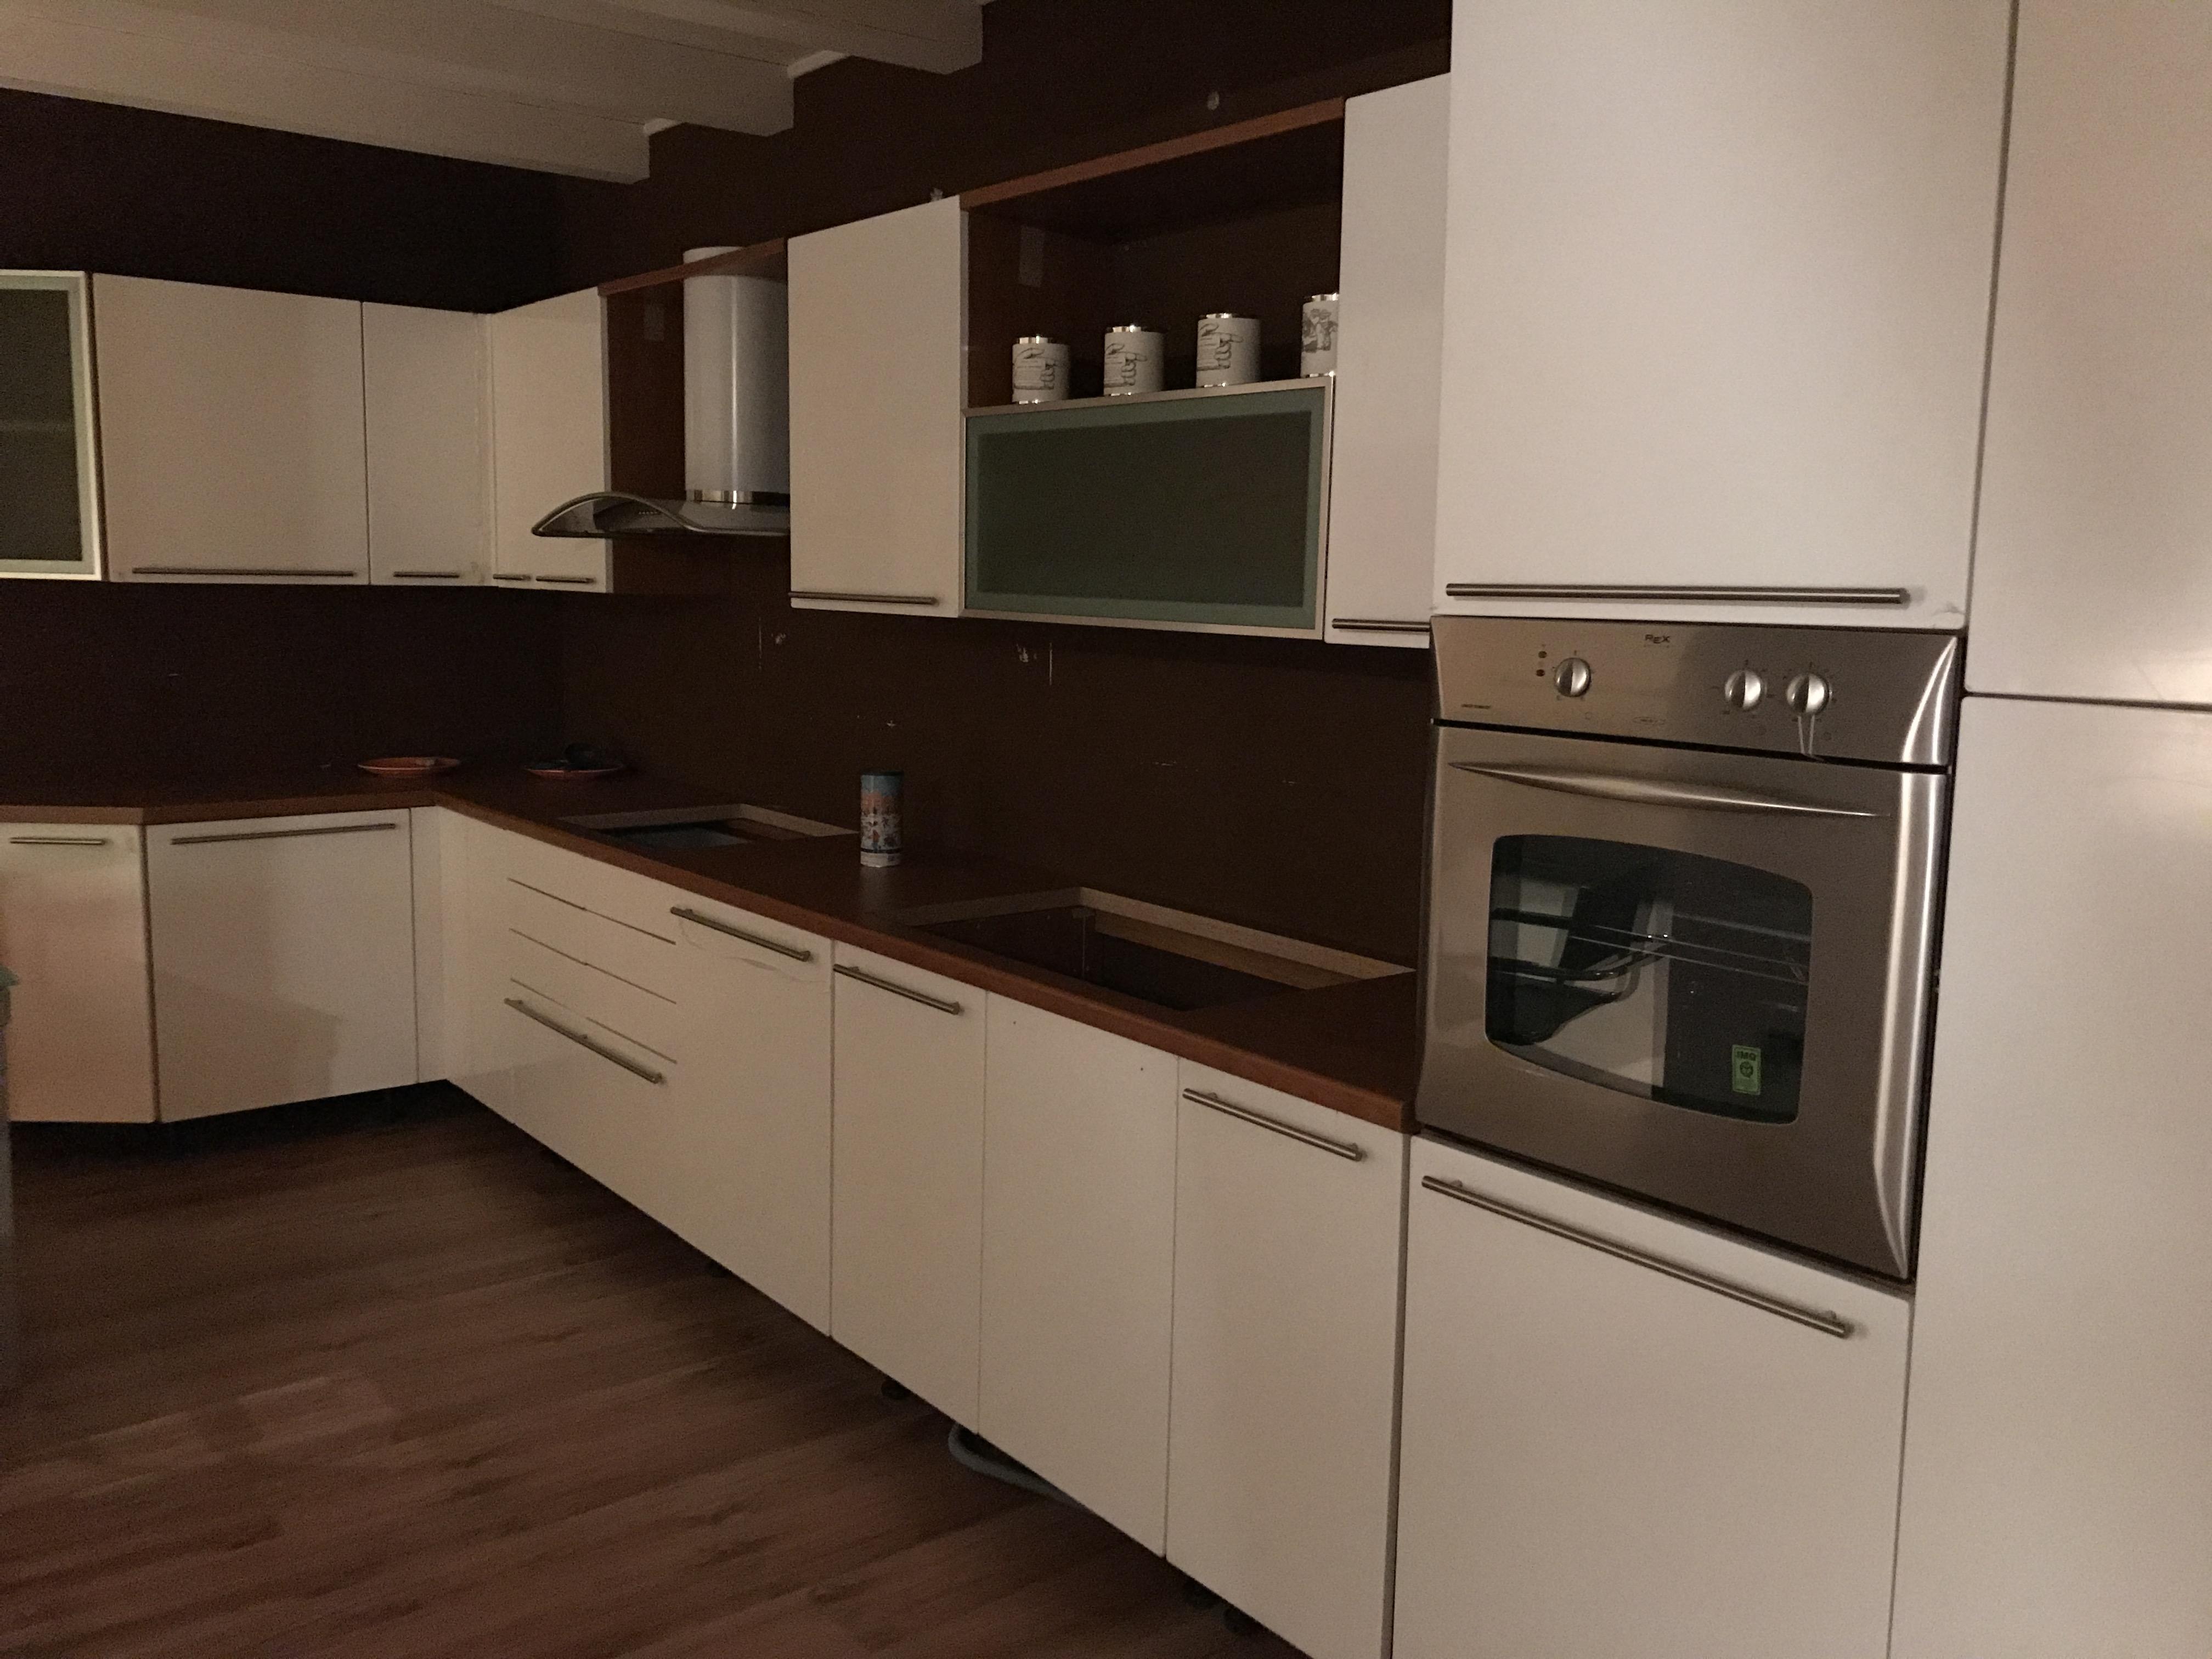 Cucina bianca e ciliegio mobili arredamento cucine for Arredamento ciliegio e bianco